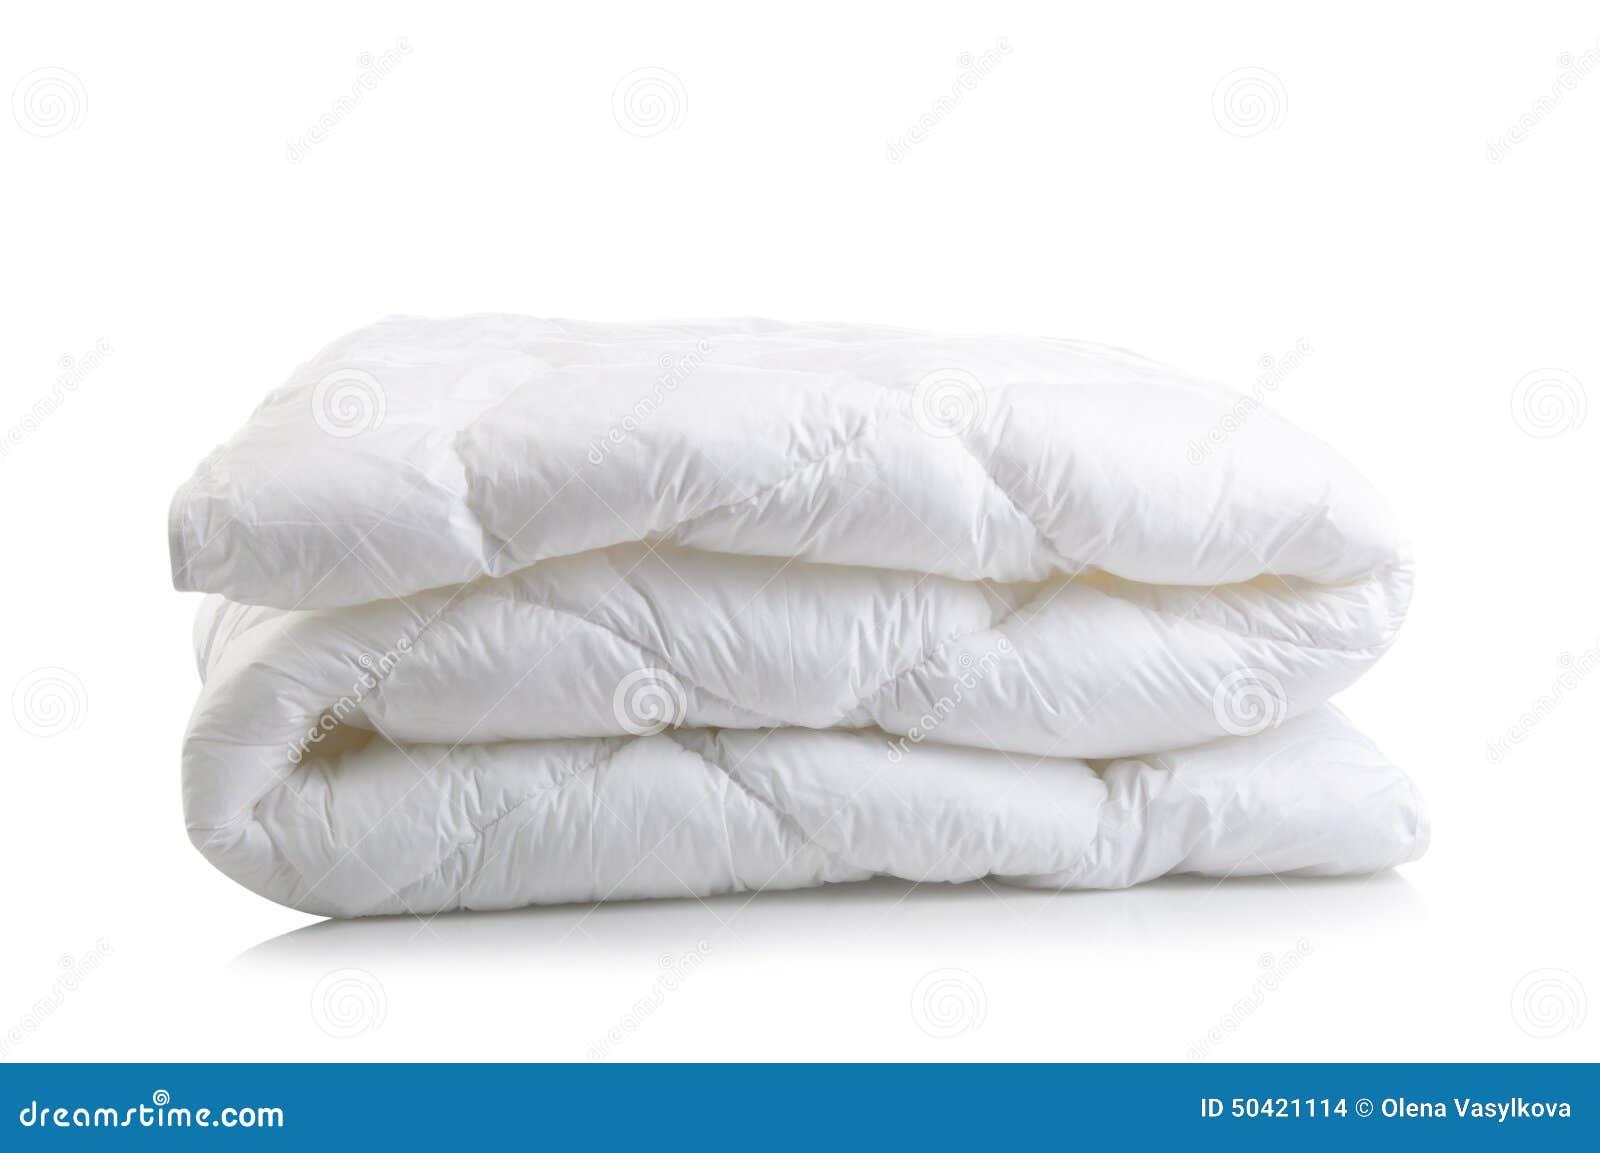 White duvet blanket